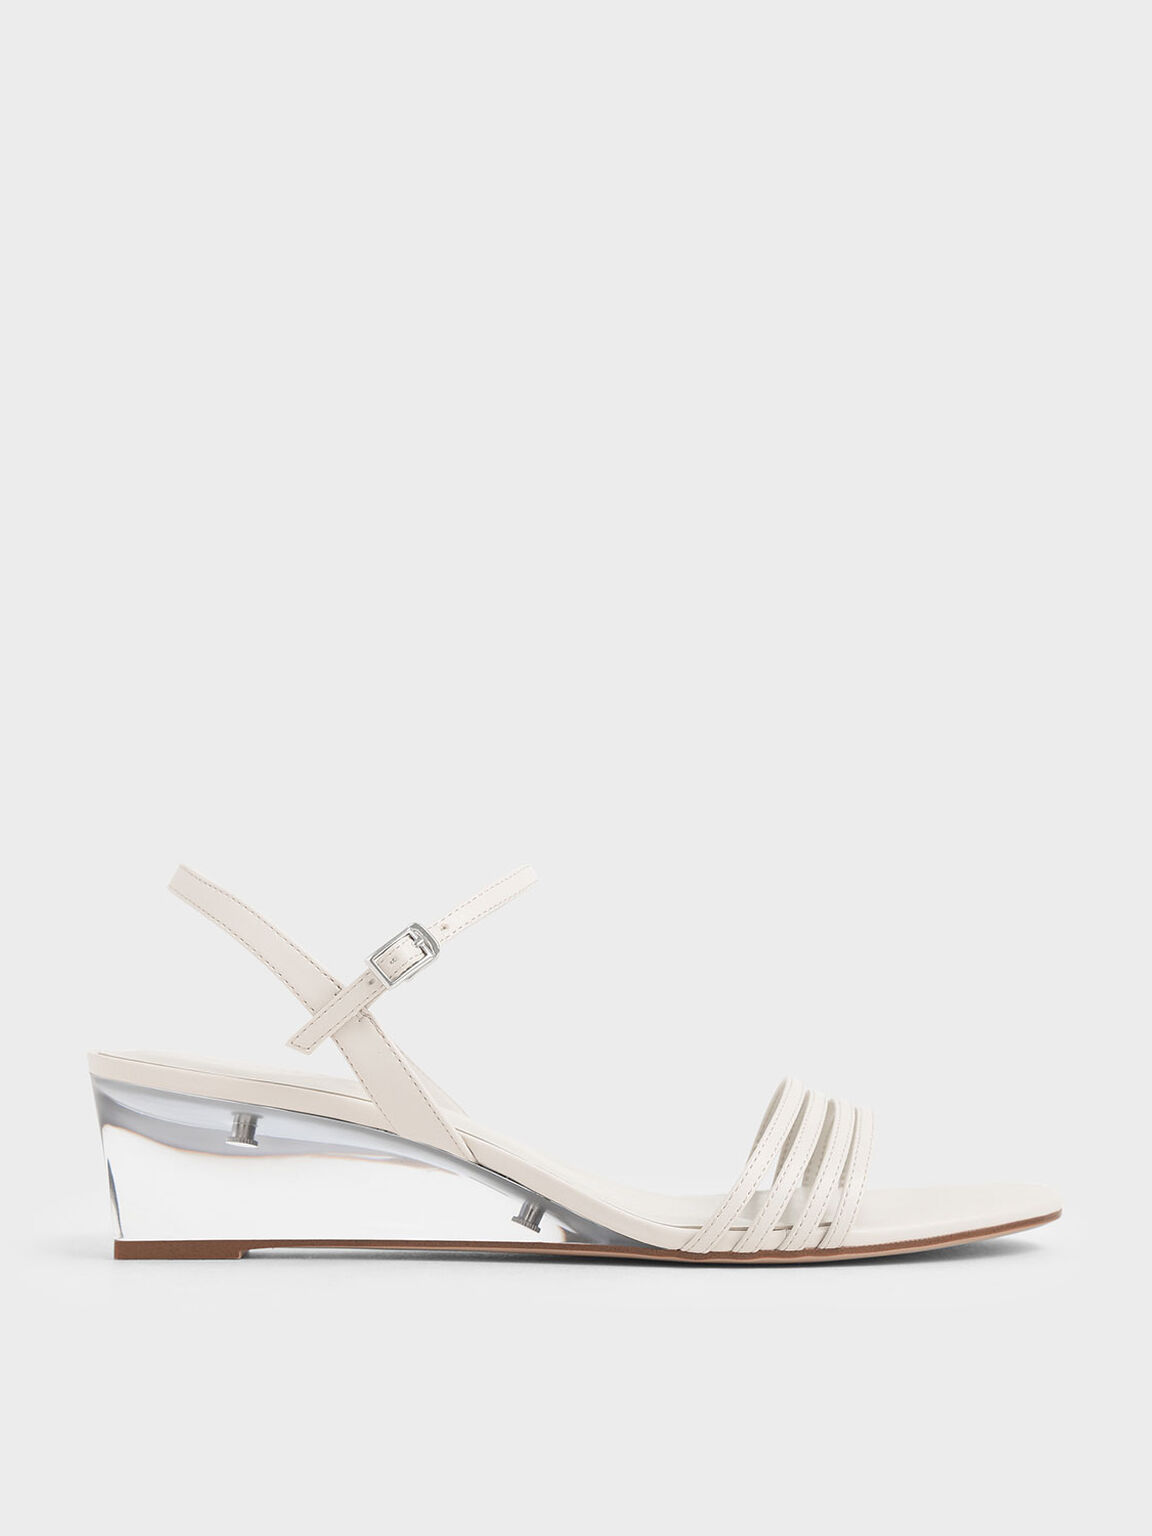 透明楔型跟涼鞋, 石灰白, hi-res